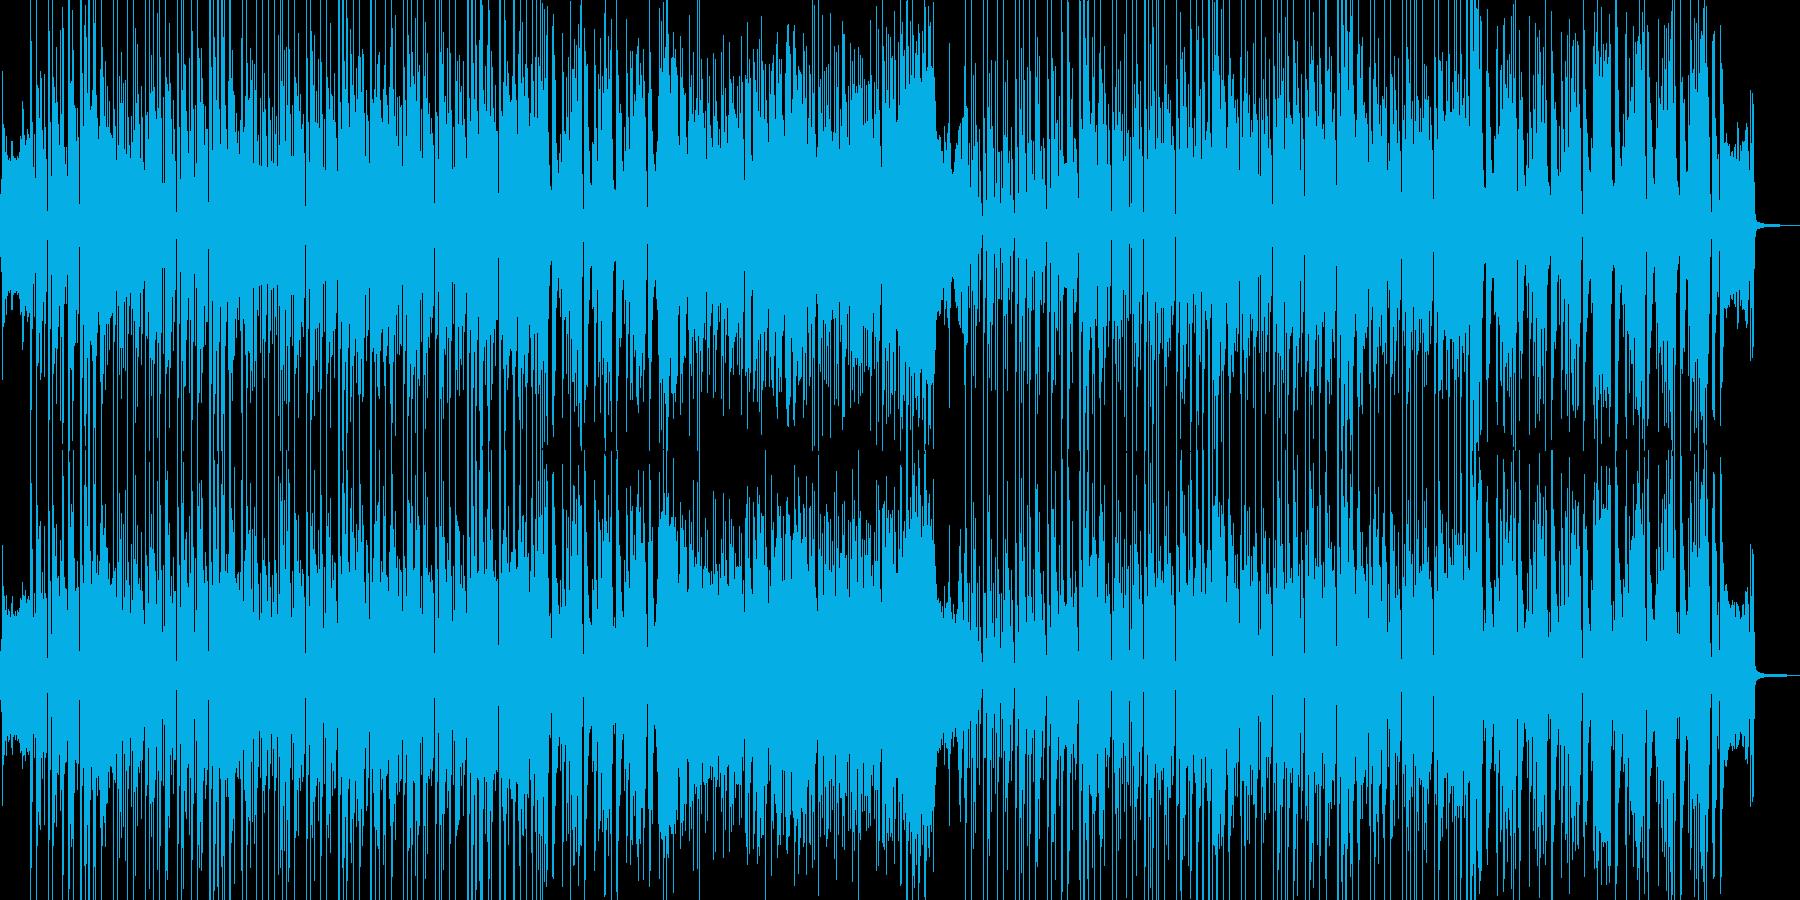 琴・三味線 渋いR&Bポップ 長尺★の再生済みの波形